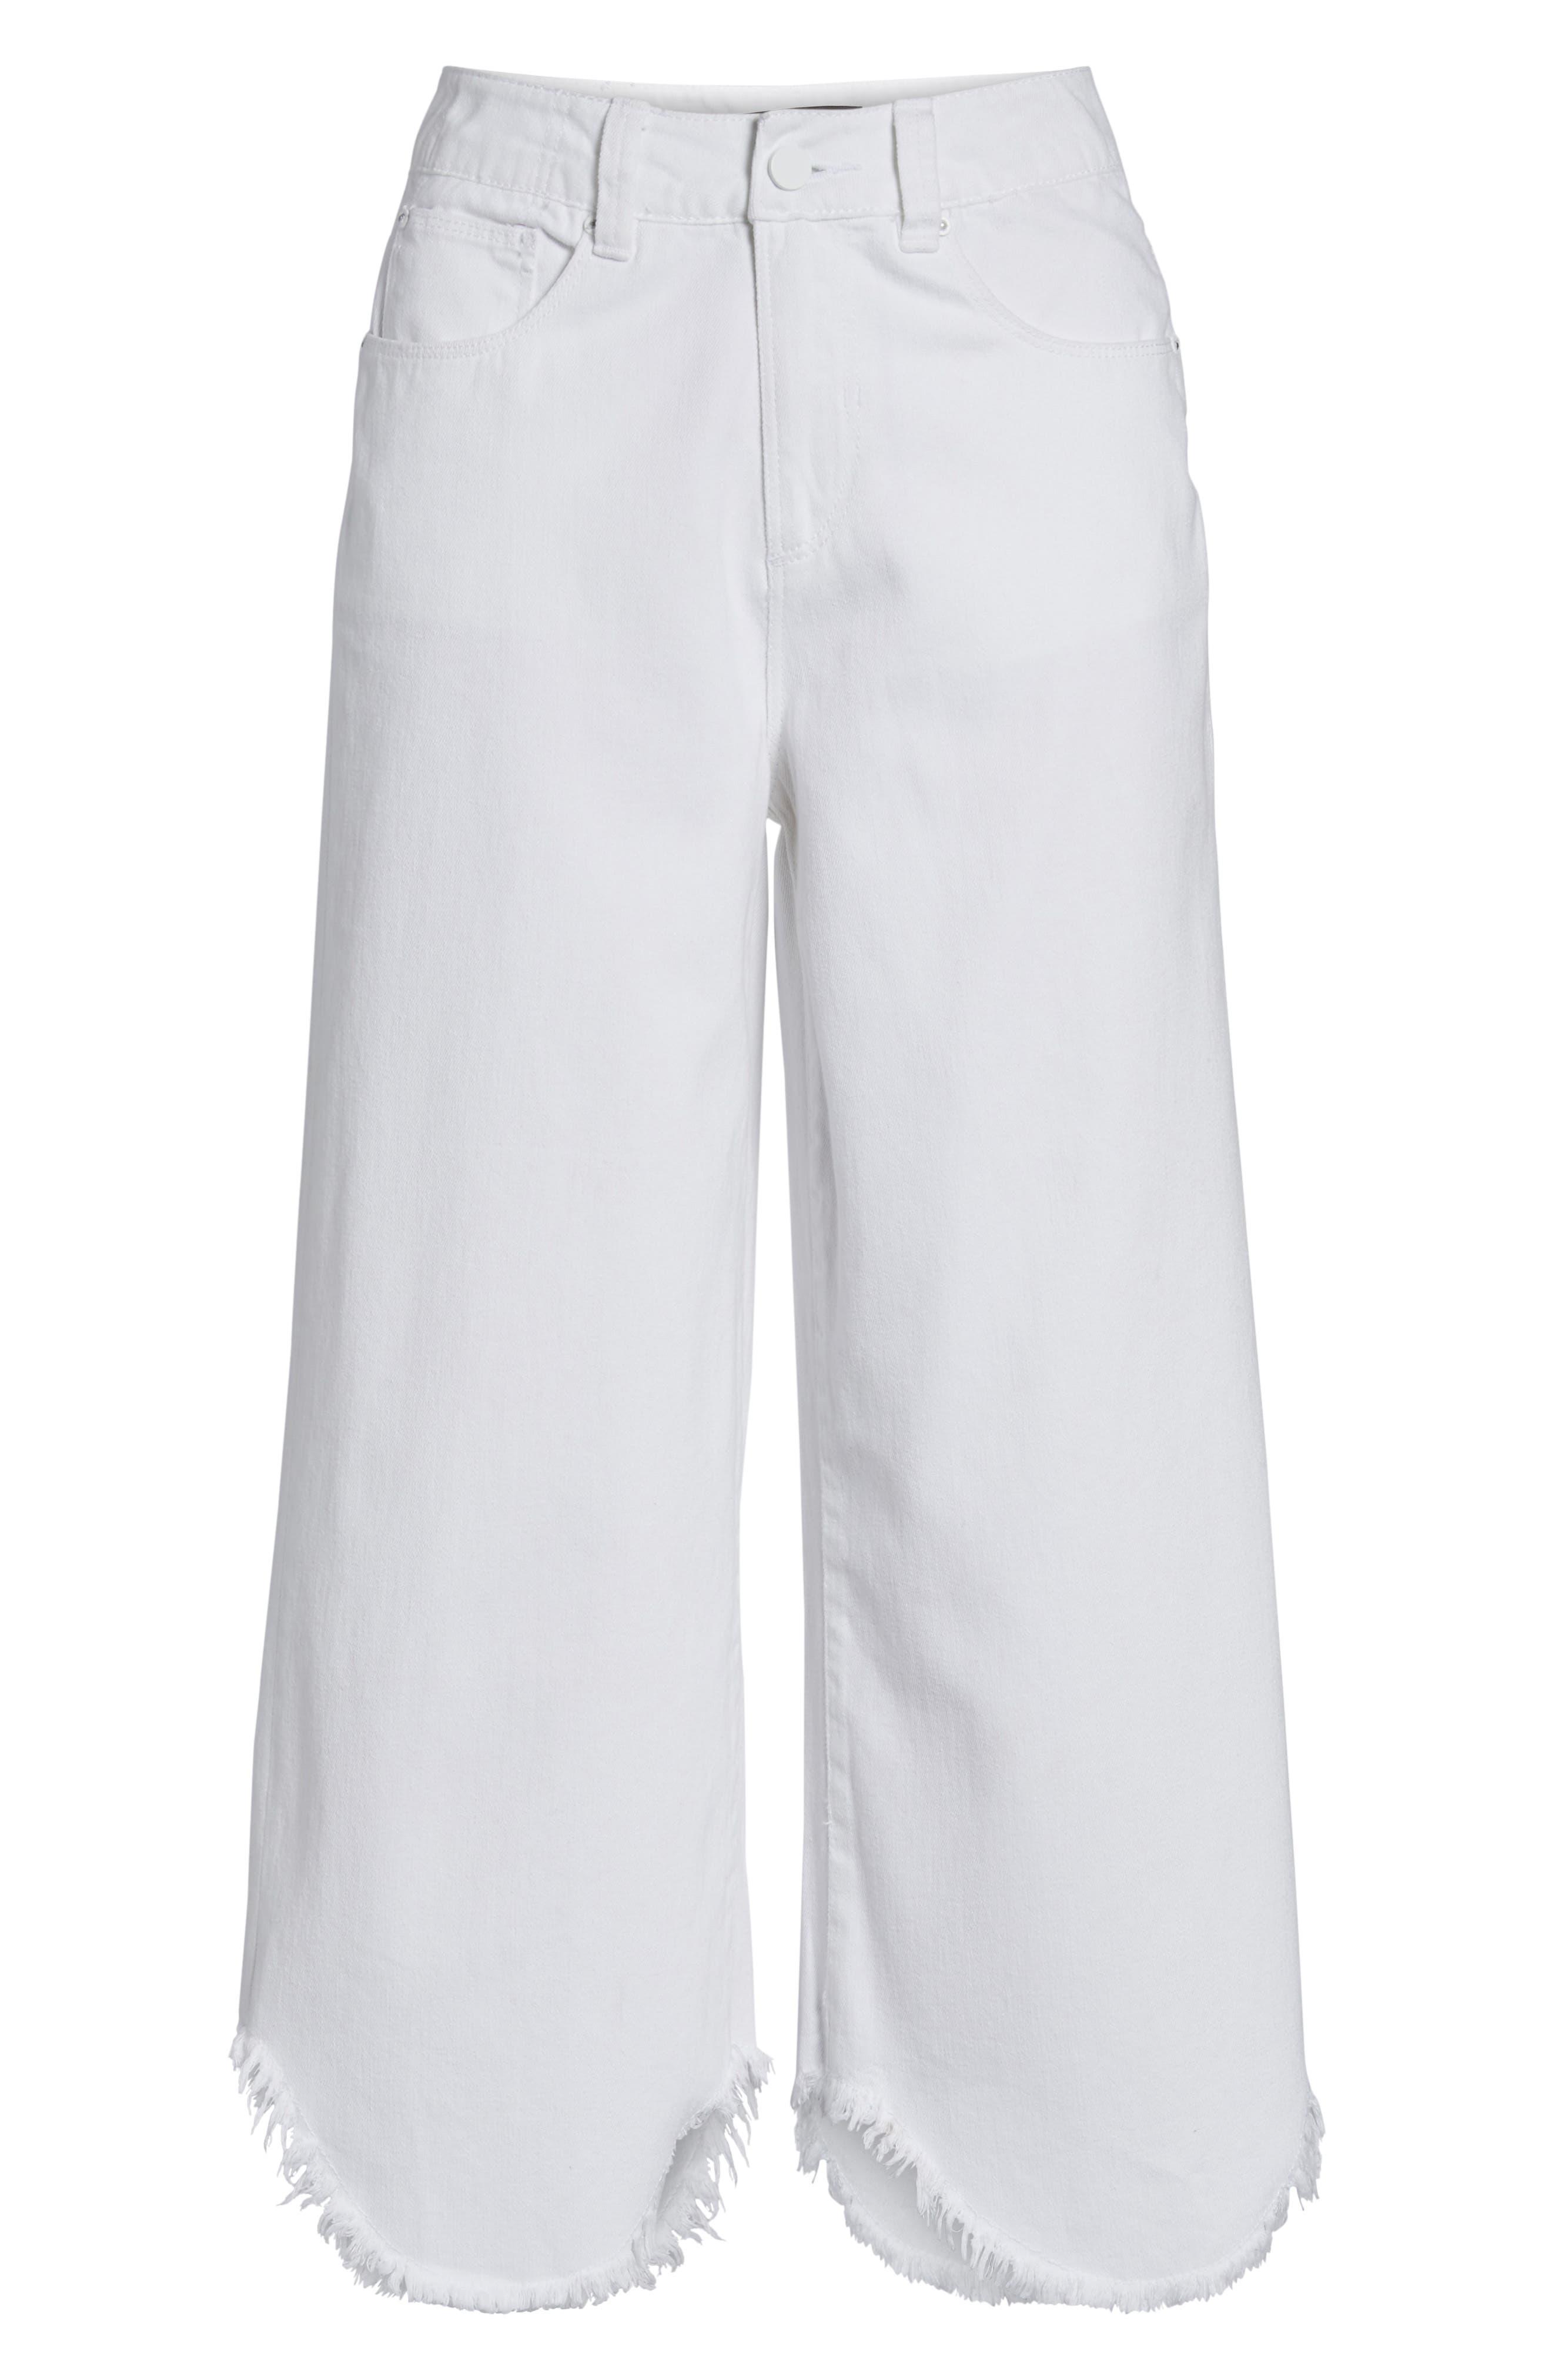 Wide Leg Crop Jeans,                             Alternate thumbnail 6, color,                             100